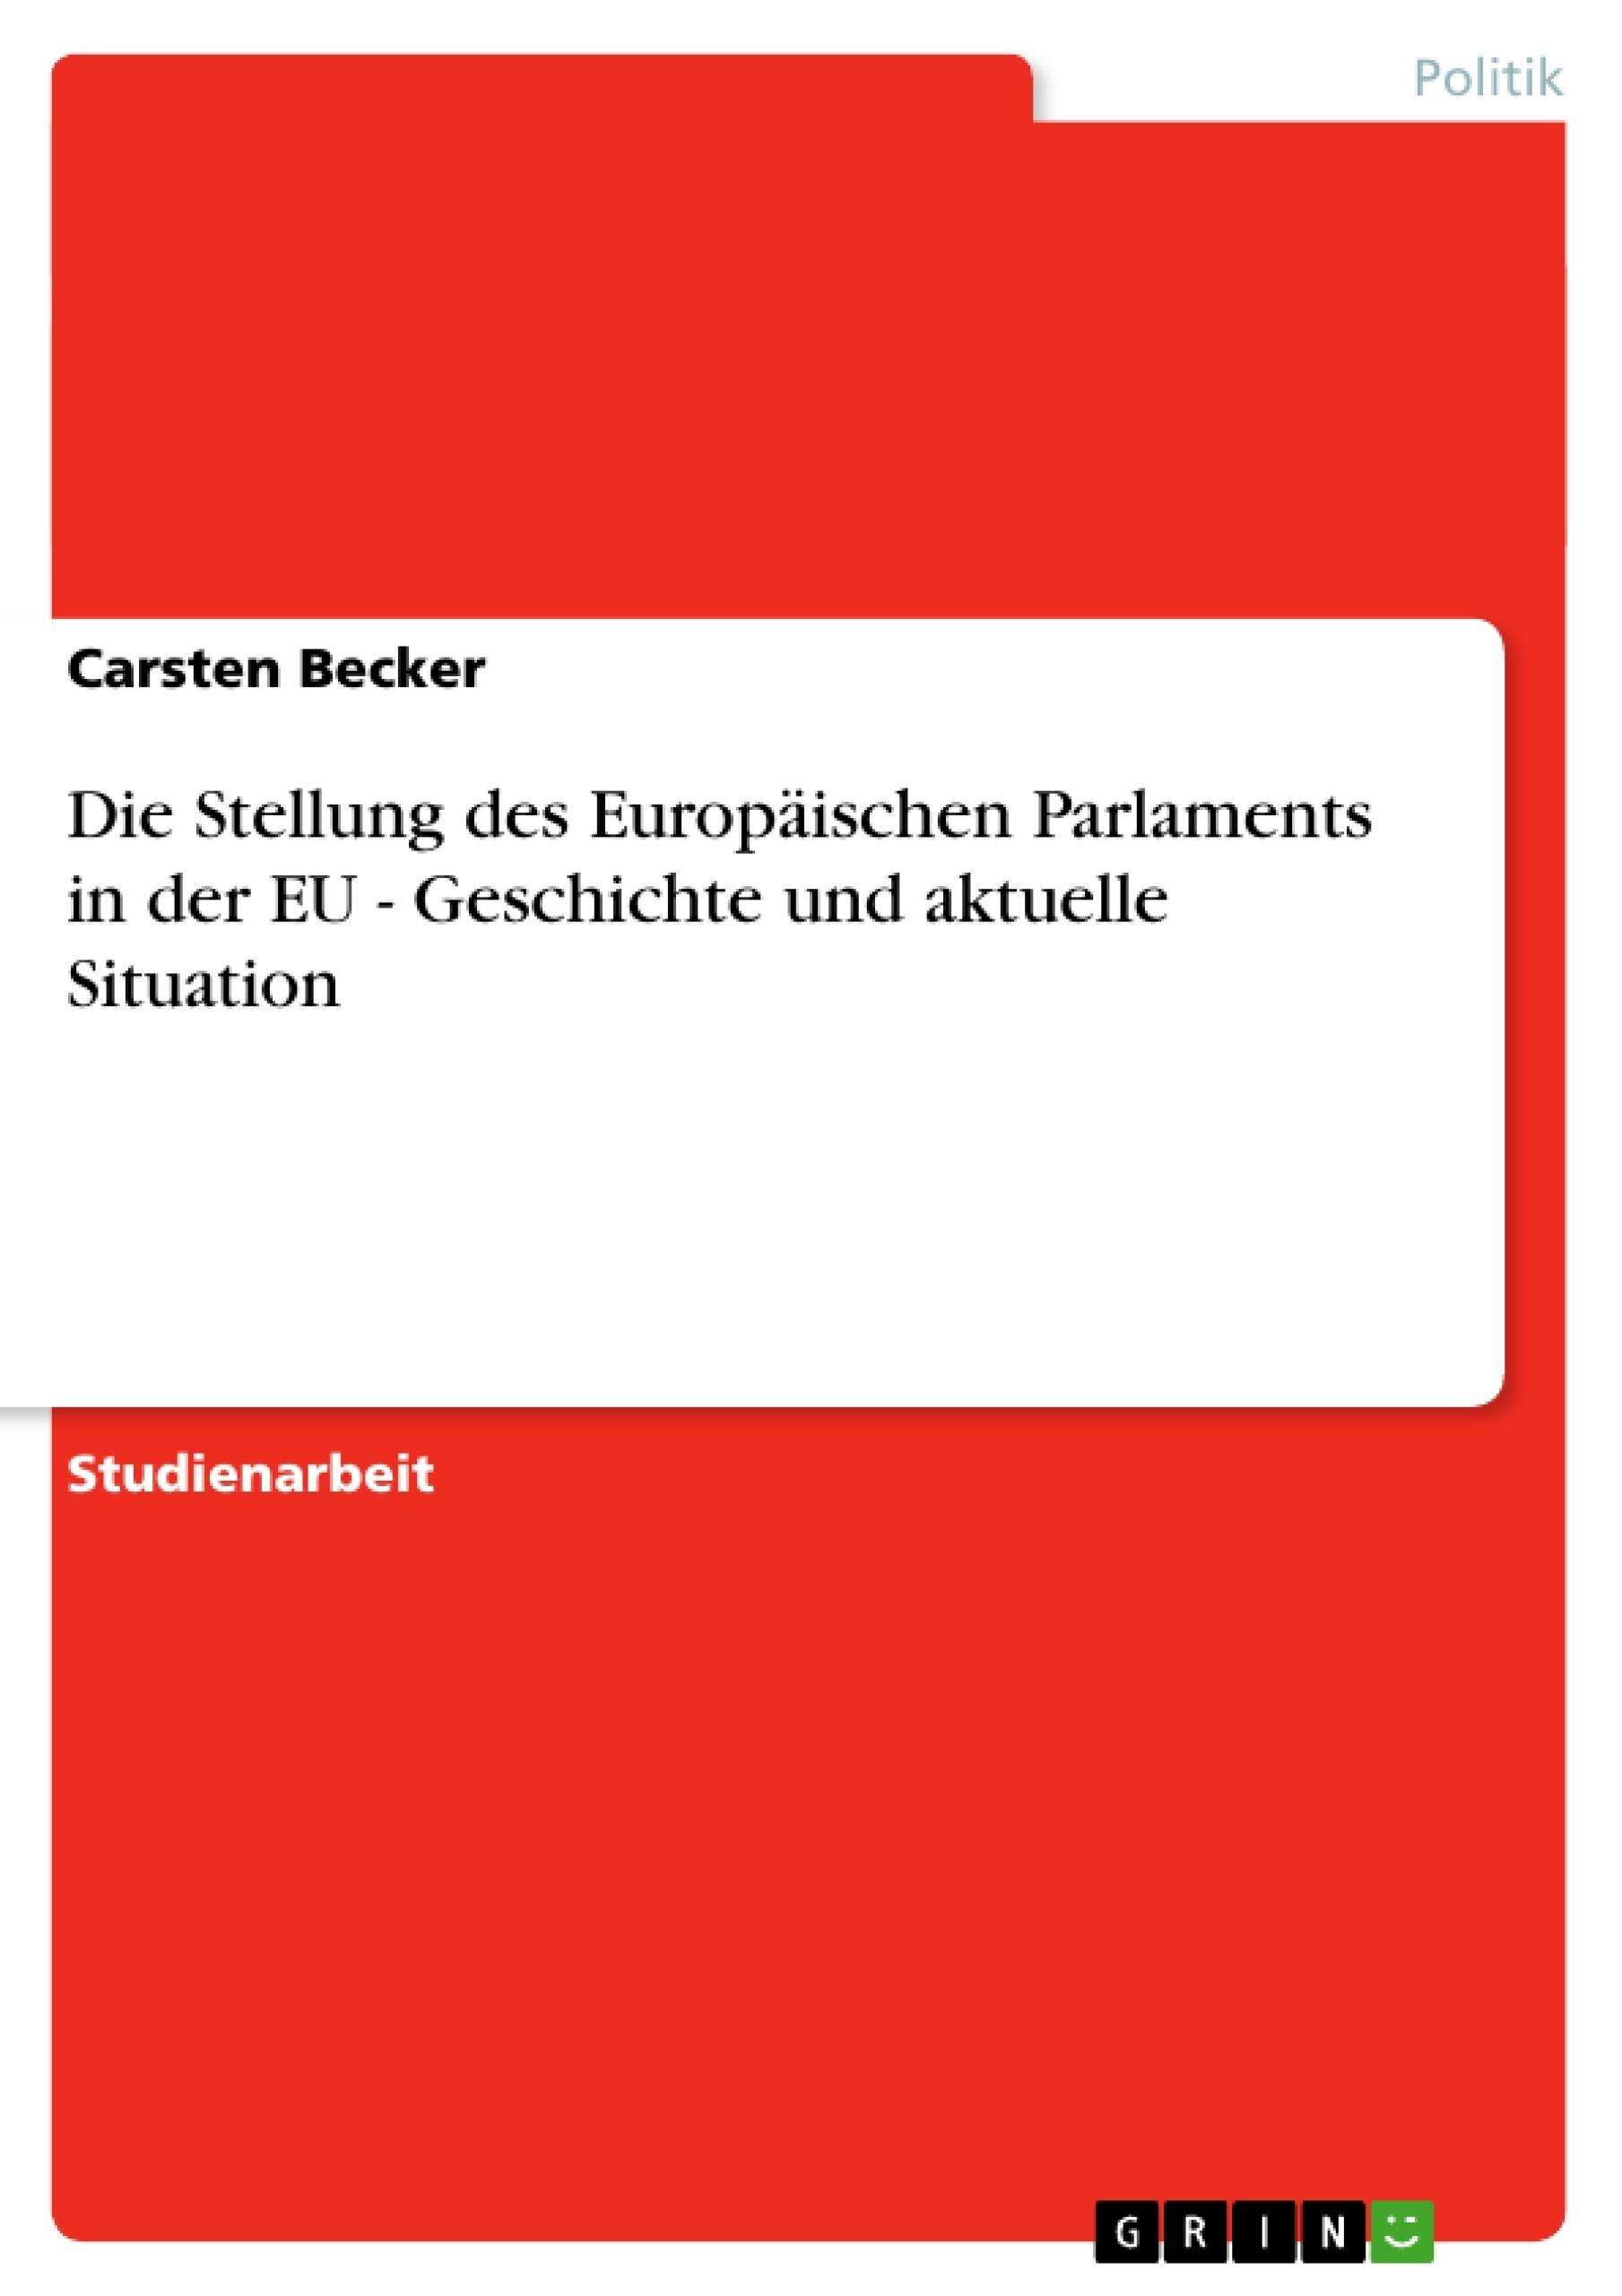 Titel: Die Stellung des Europäischen Parlaments in der EU - Geschichte und aktuelle Situation